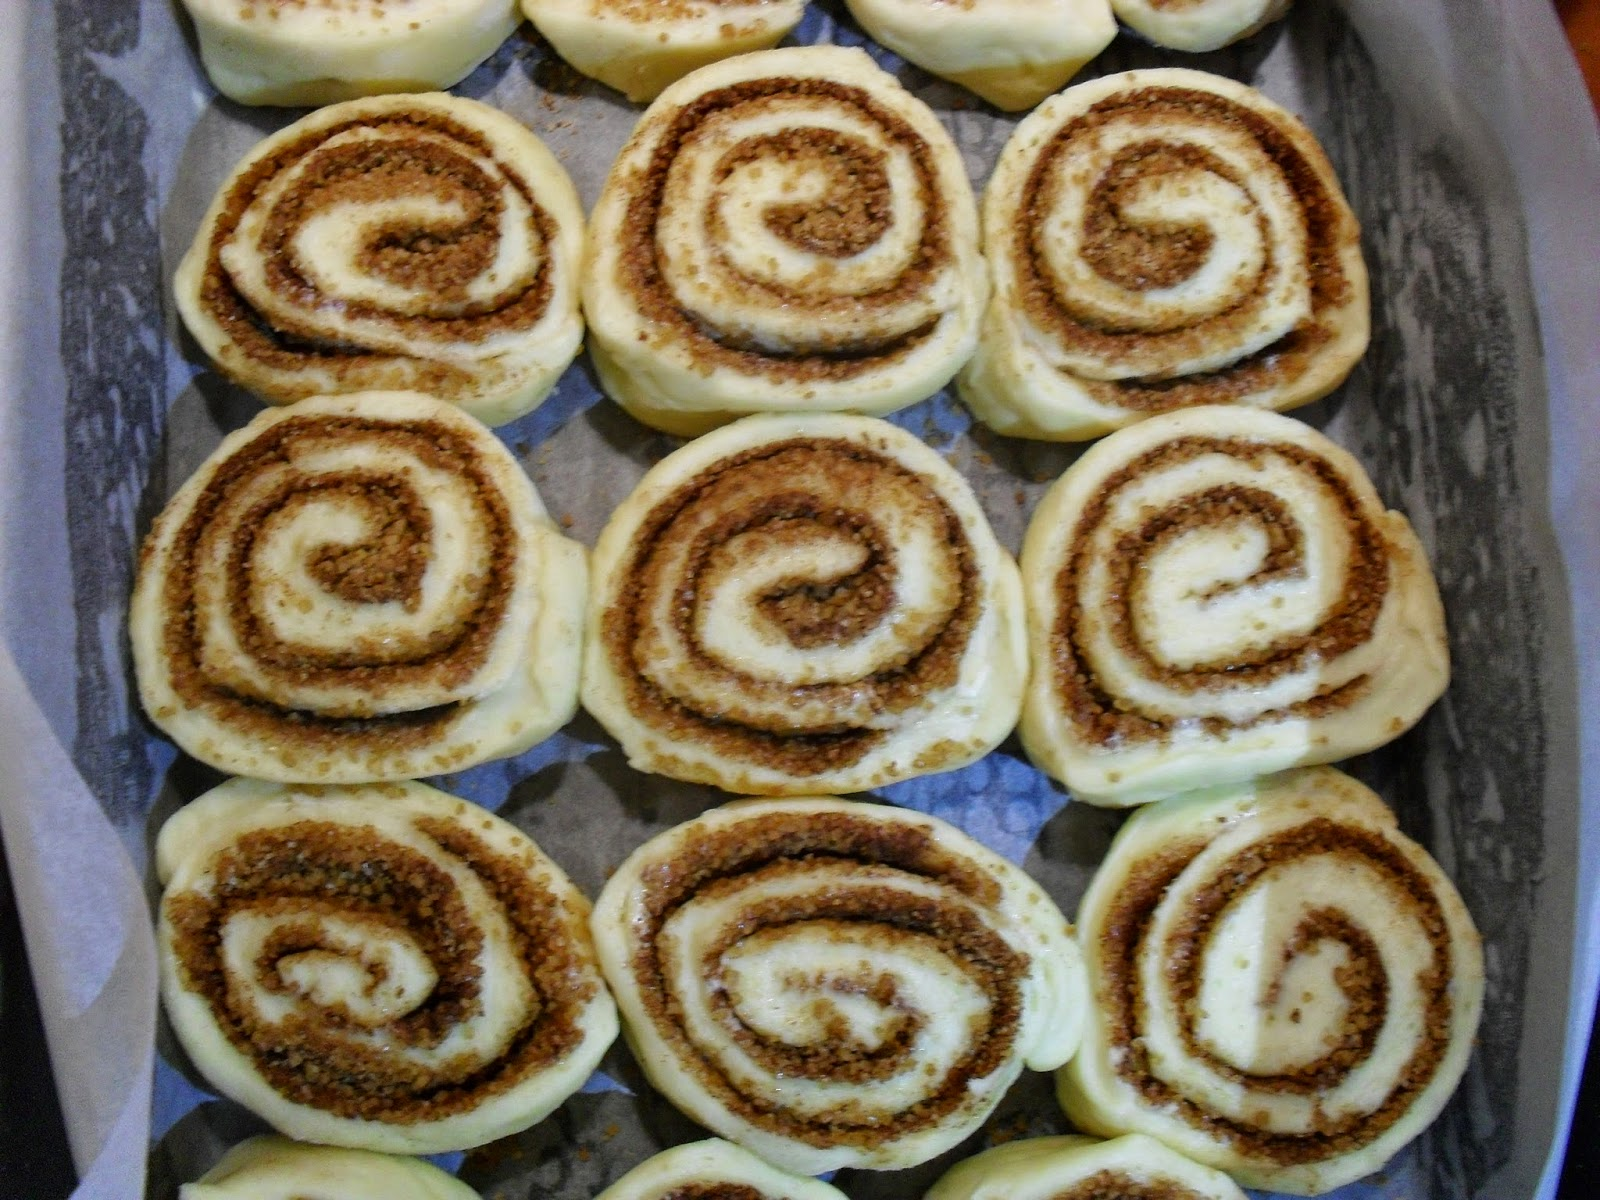 Cynamonowe bułeczki (cinnamon rolls)